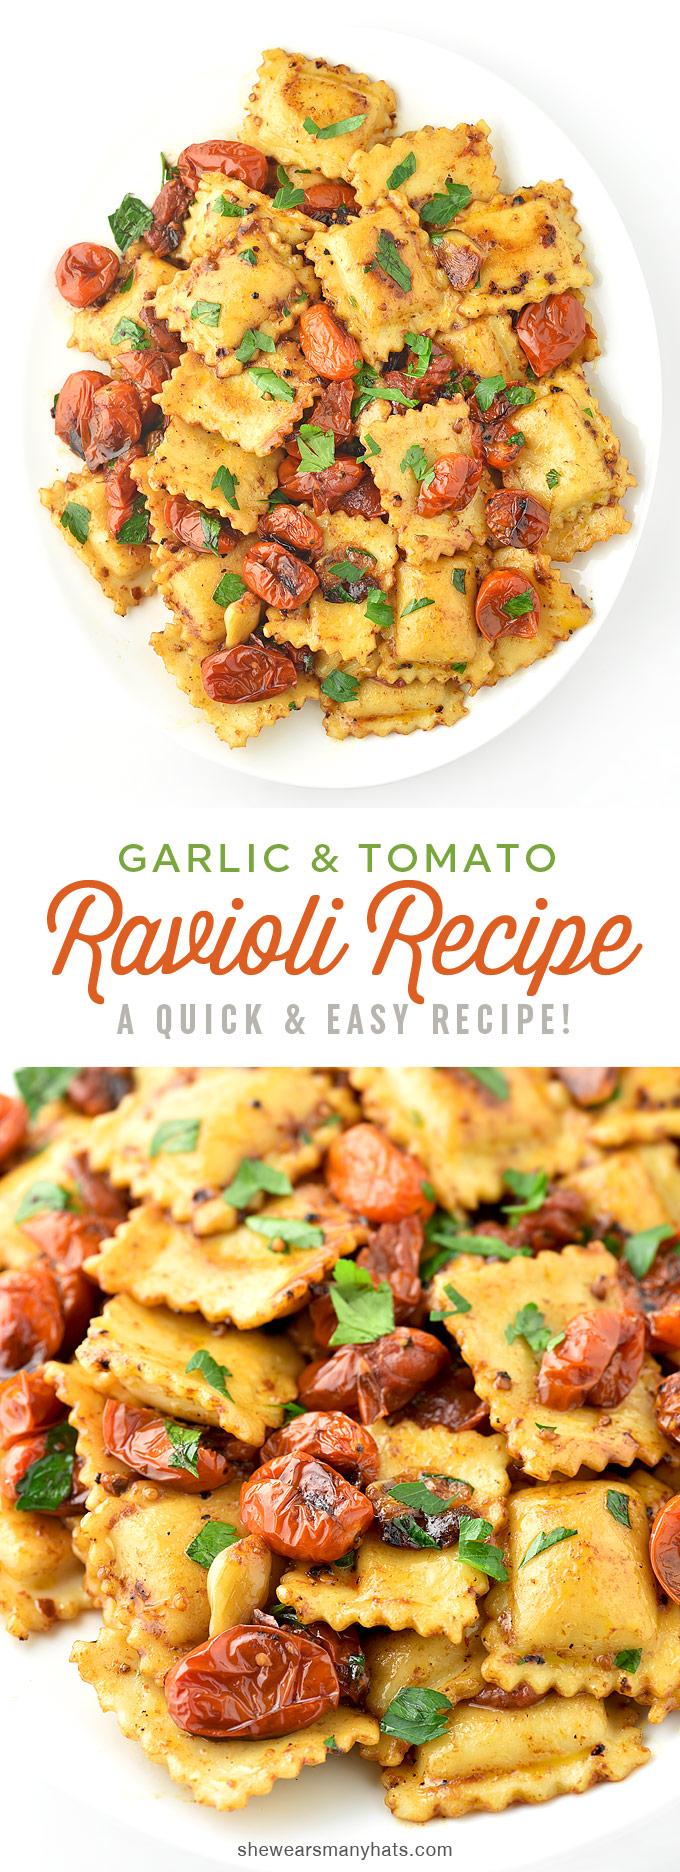 easy-spicy-garlic-tomato-ravioli-recipe-collage